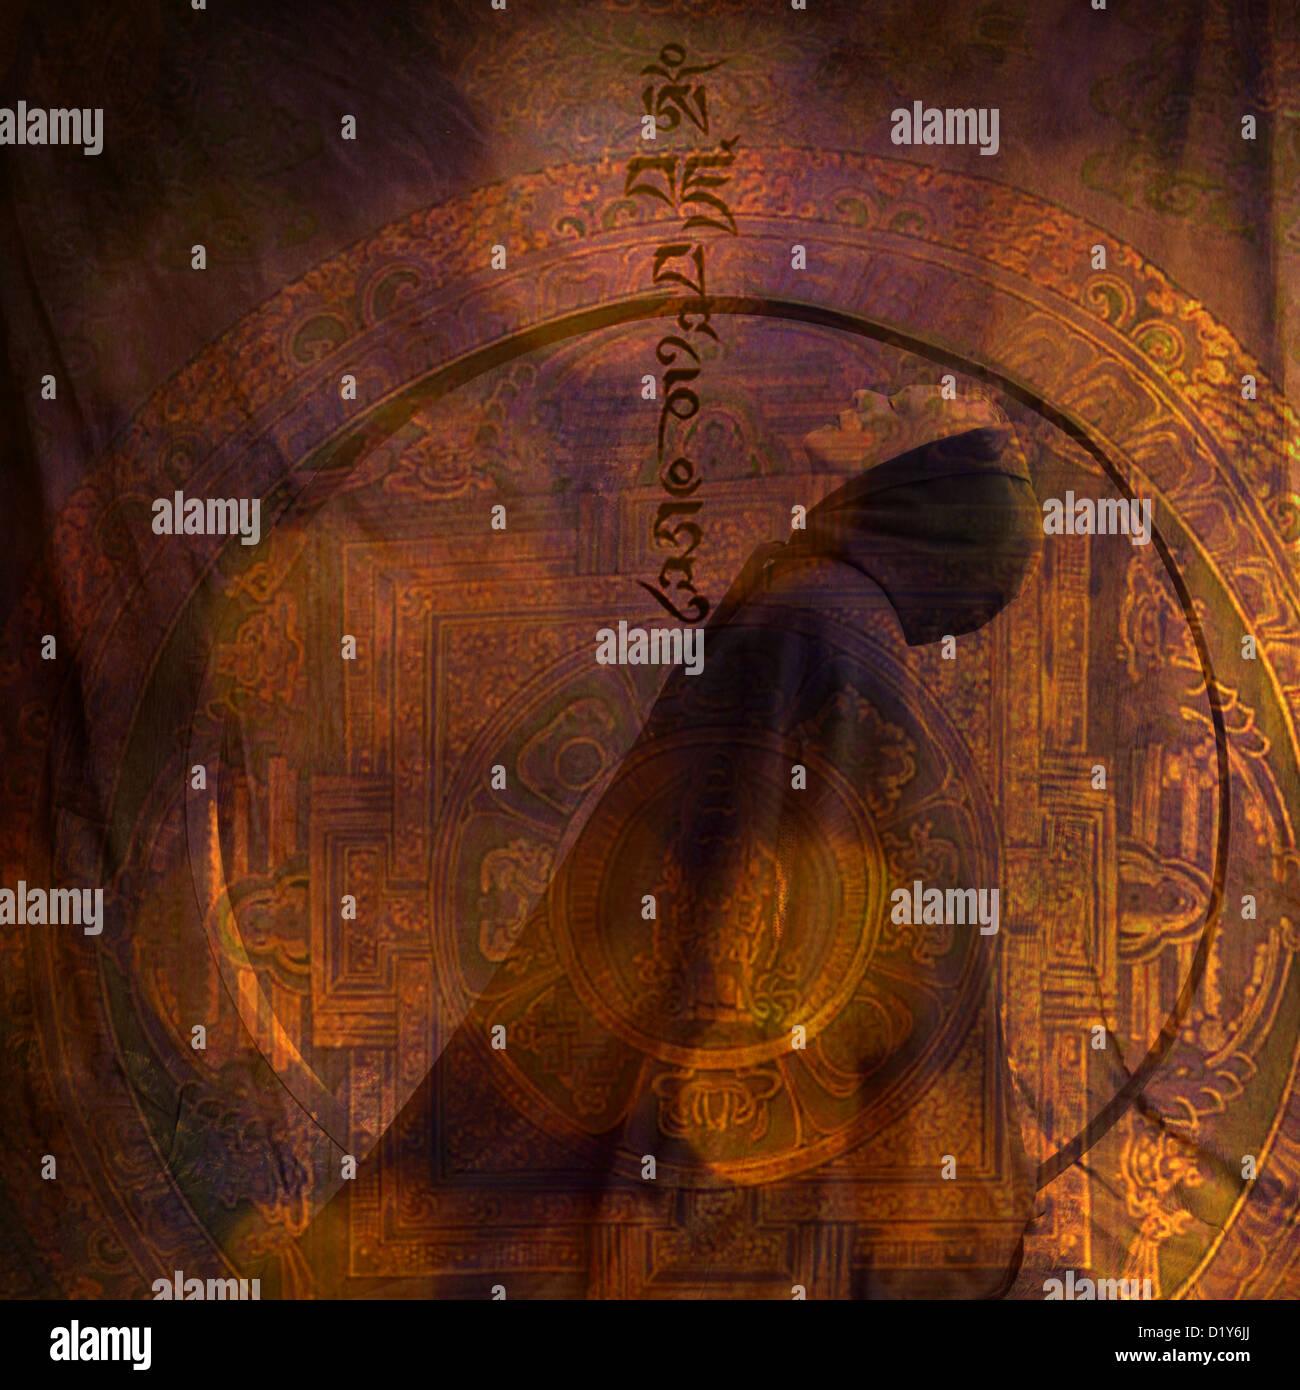 Foto Basedillustration eine verhüllte Frau mit der tibetischen Gebet Om Mani Padme Hum ?? ???????? ???. Stockbild